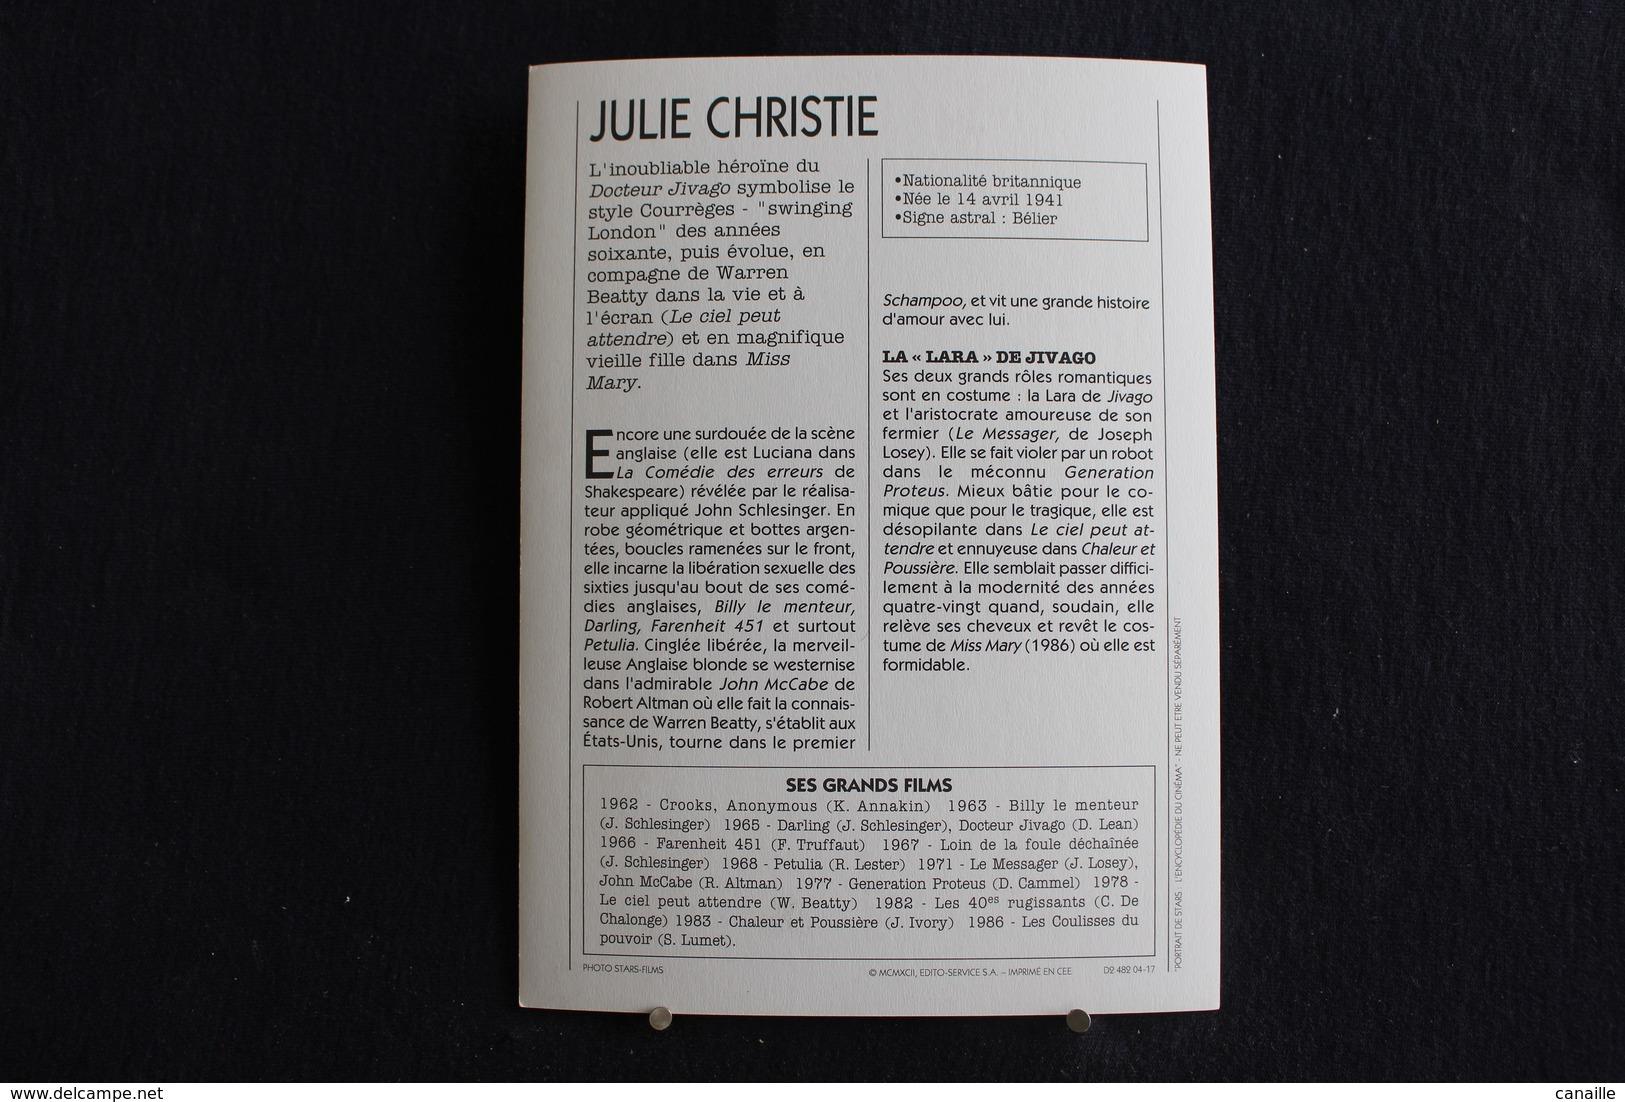 Sp-Actrice,britannique, 1960 Julie Christie - Née 14 Avril 1940 à Chabua, Dans La Région D'Assam En Inde Britannique. - Acteurs